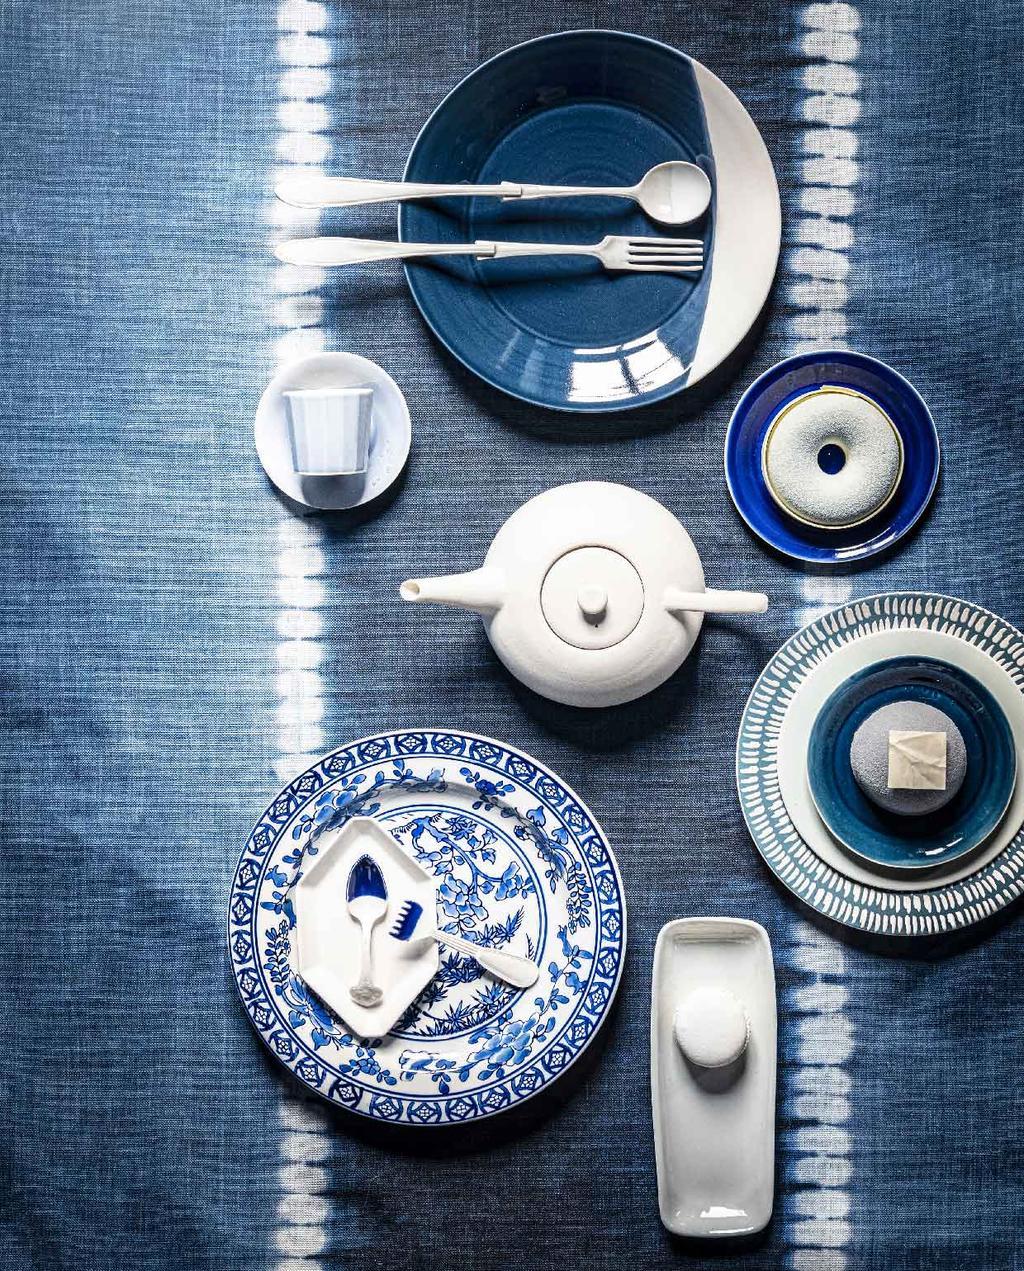 vtwonen 07-2020 | styling blauw eilandhoppen blauw met wit servies op tafel met blauw tie dye tafelkleed